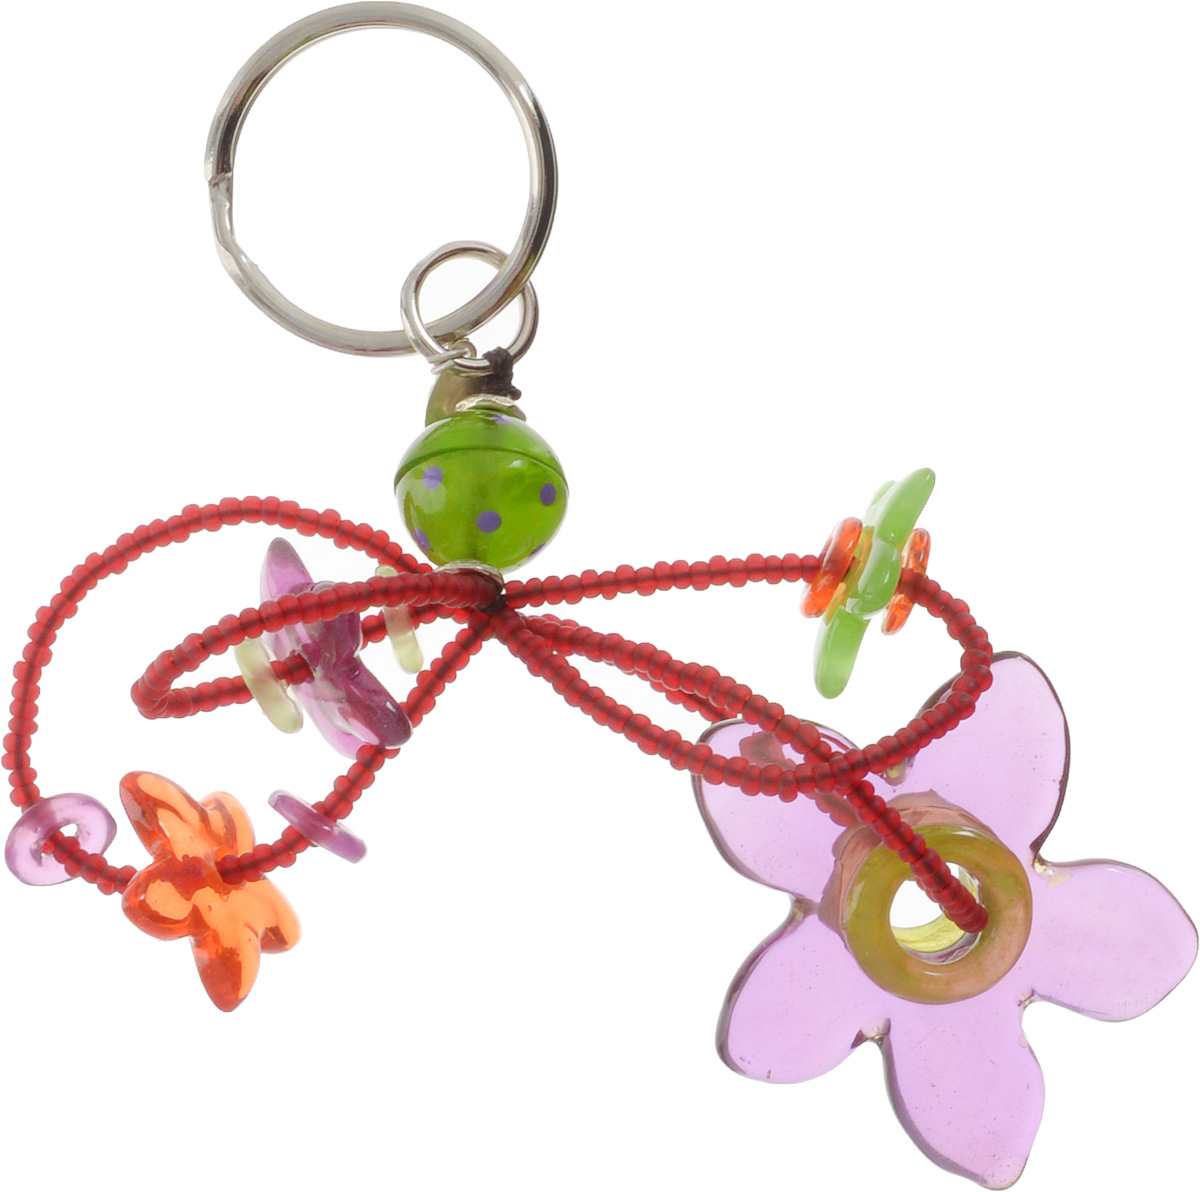 Брелок Lalo Treasures, цвет: сиреневый, зеленый. KR4866 колье lalo treasures цвет мульти p4467 2